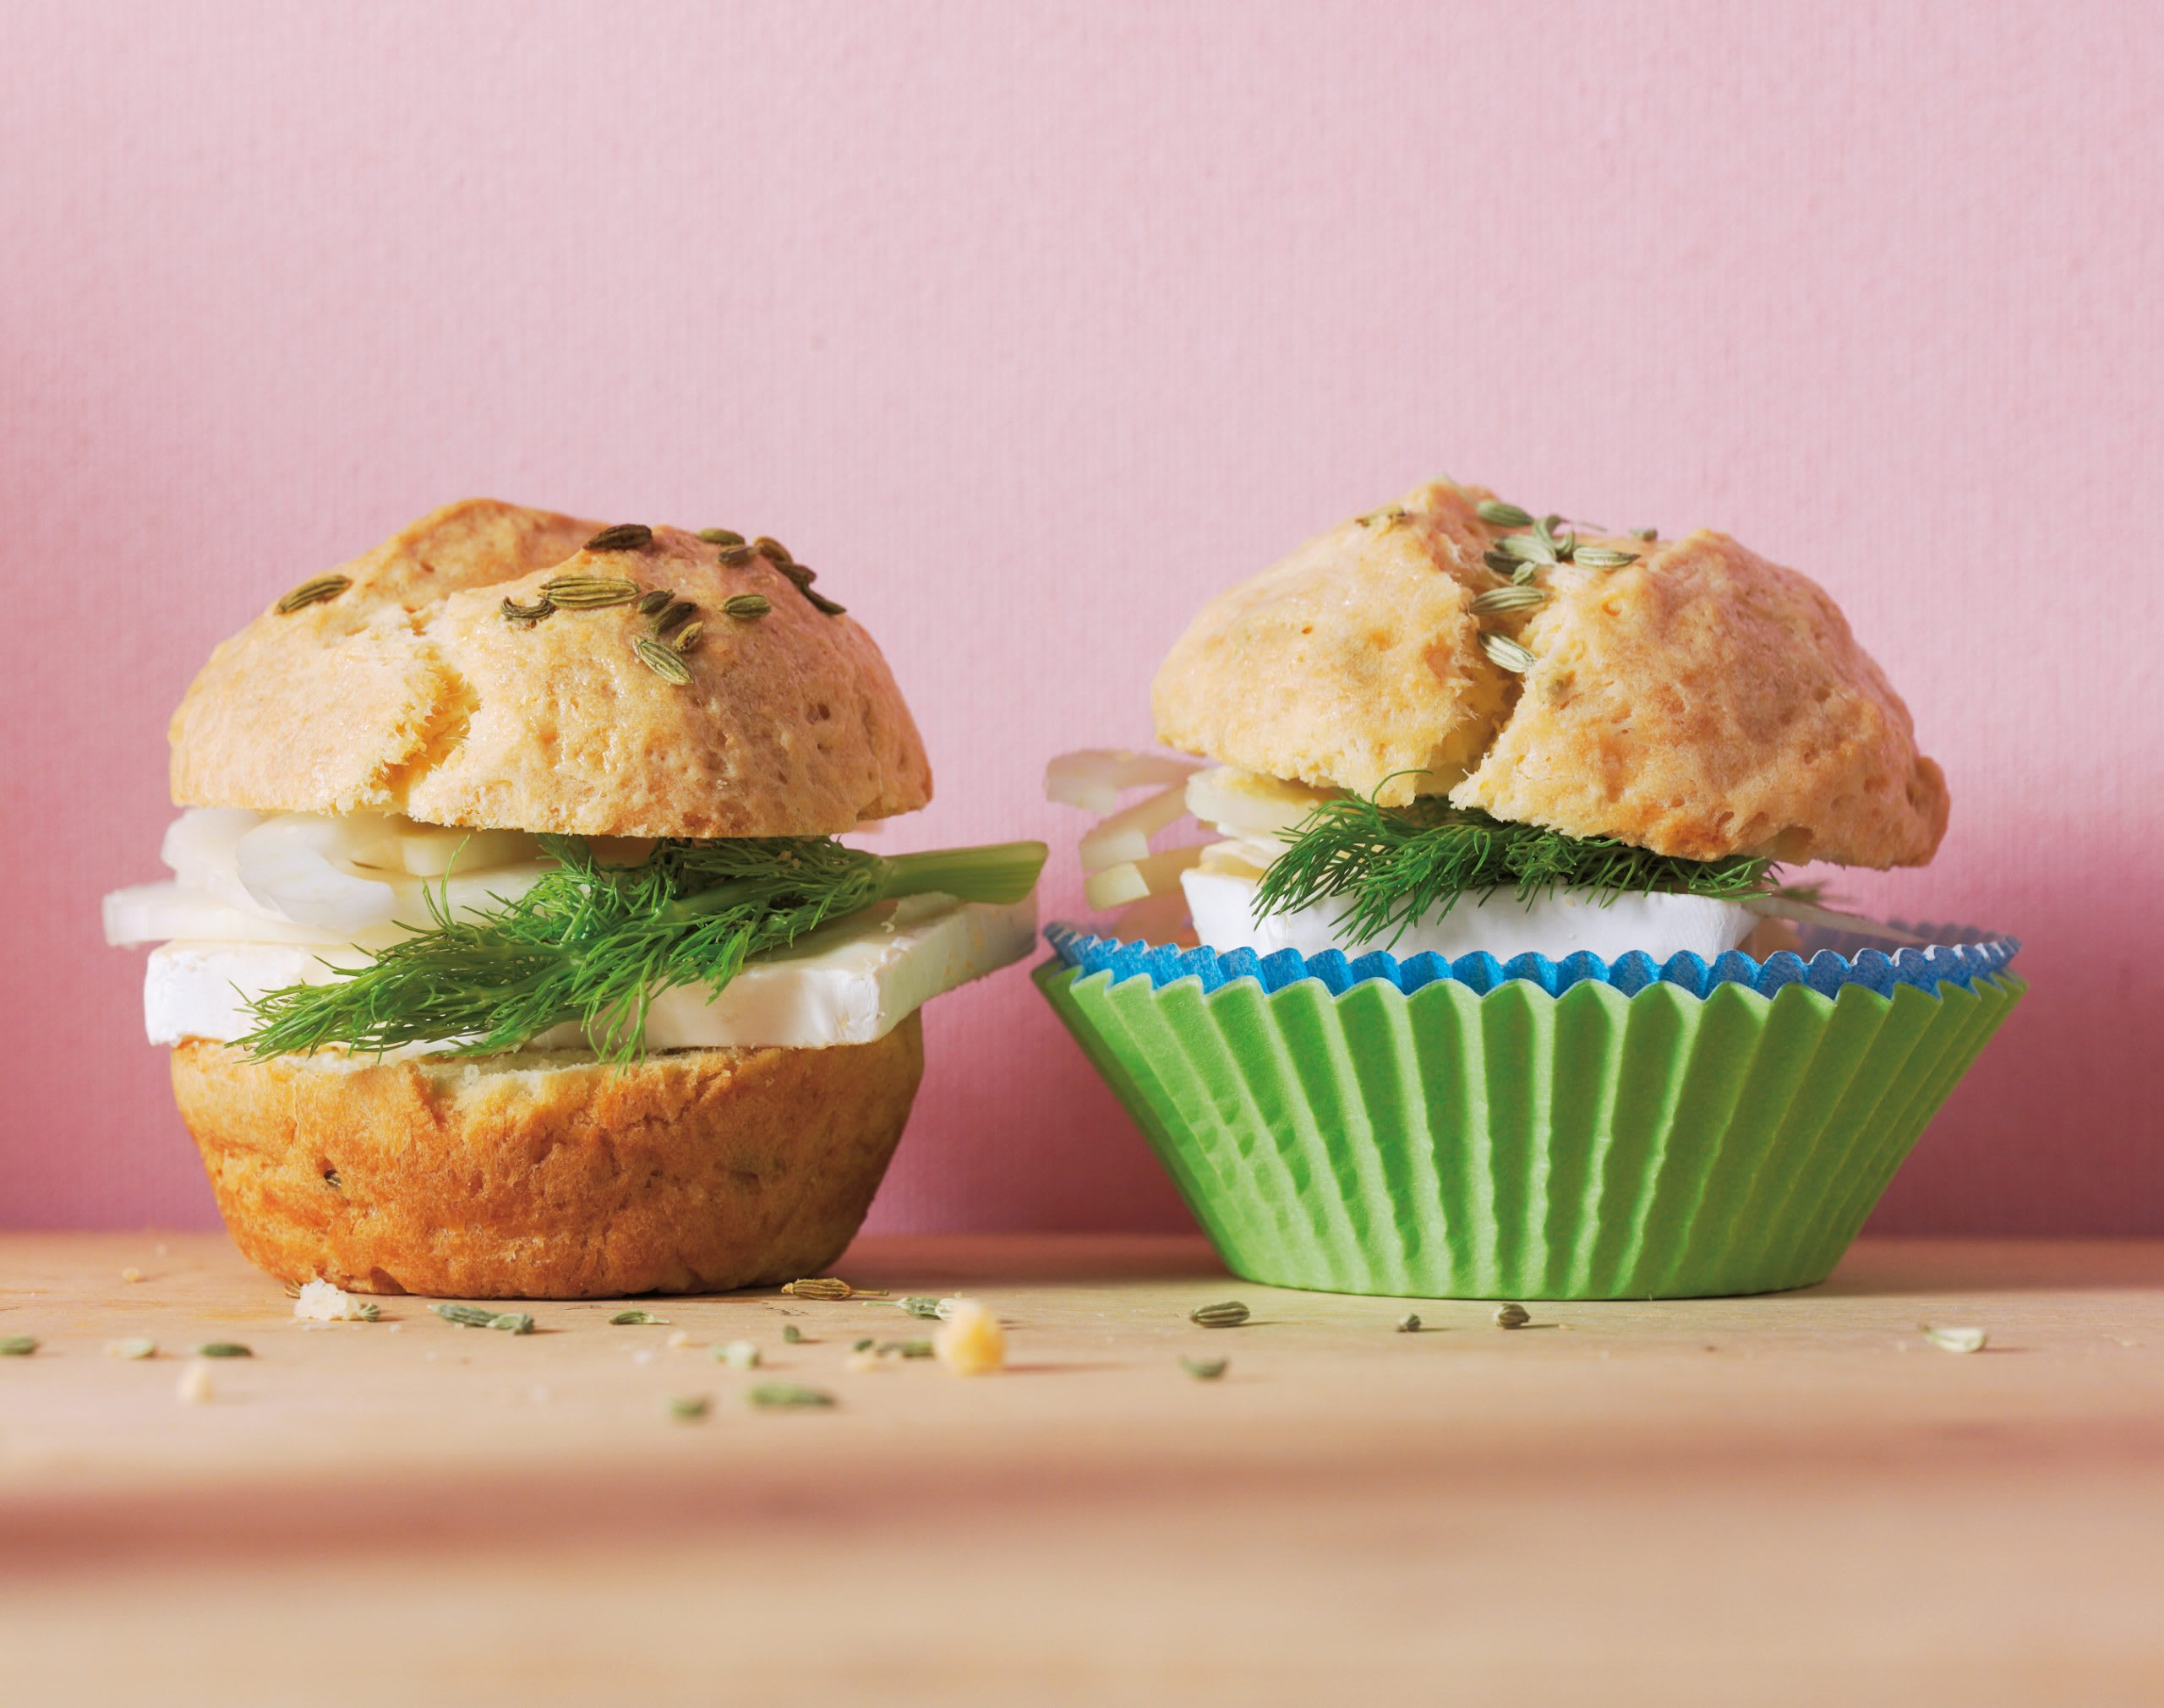 Muffins au brie et au fenouil